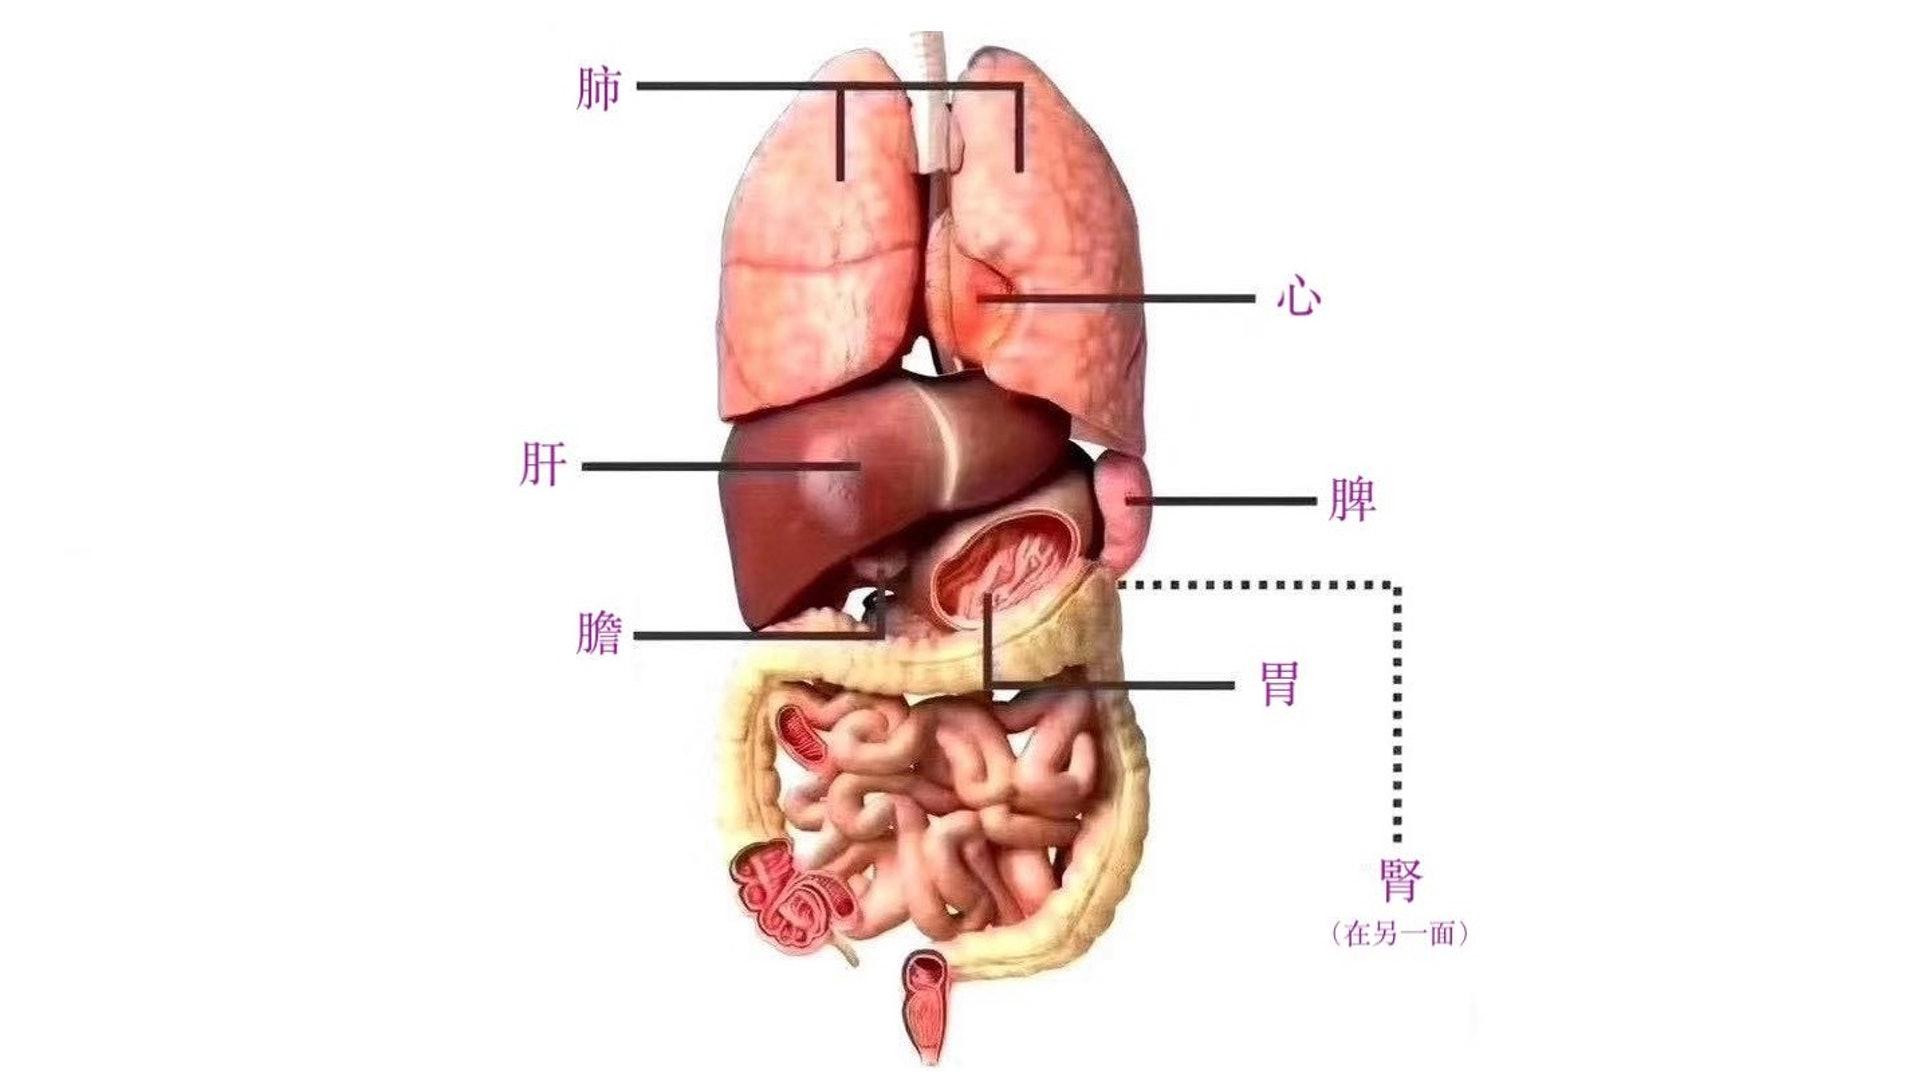 肝、脾、腎三個部位功能改善,精血充足下卵子的質量就會高,自能受孕。(圖片:sohu)